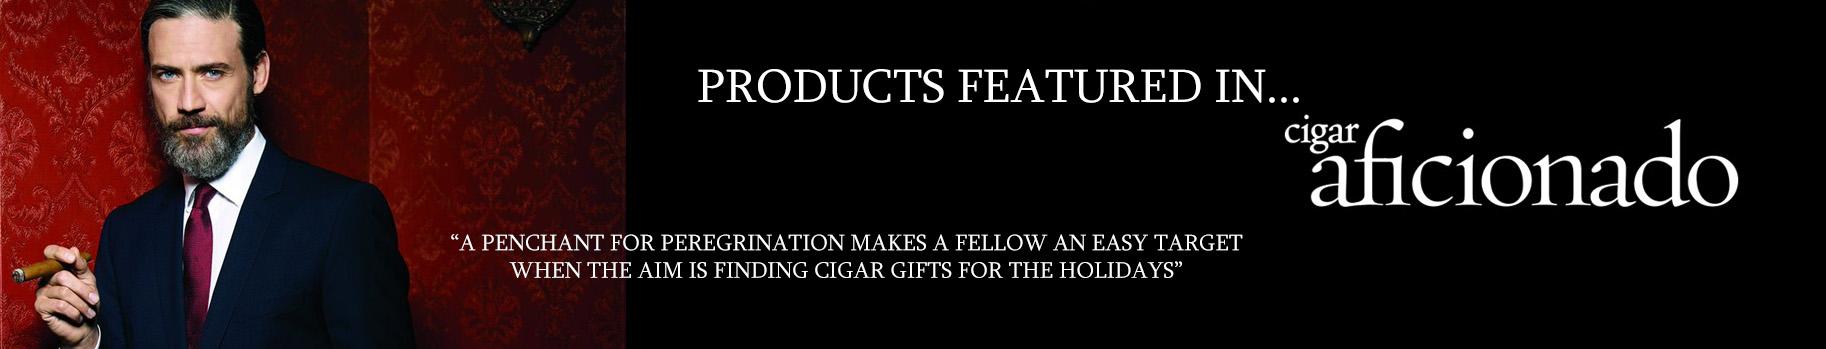 cigaraficionadobanner